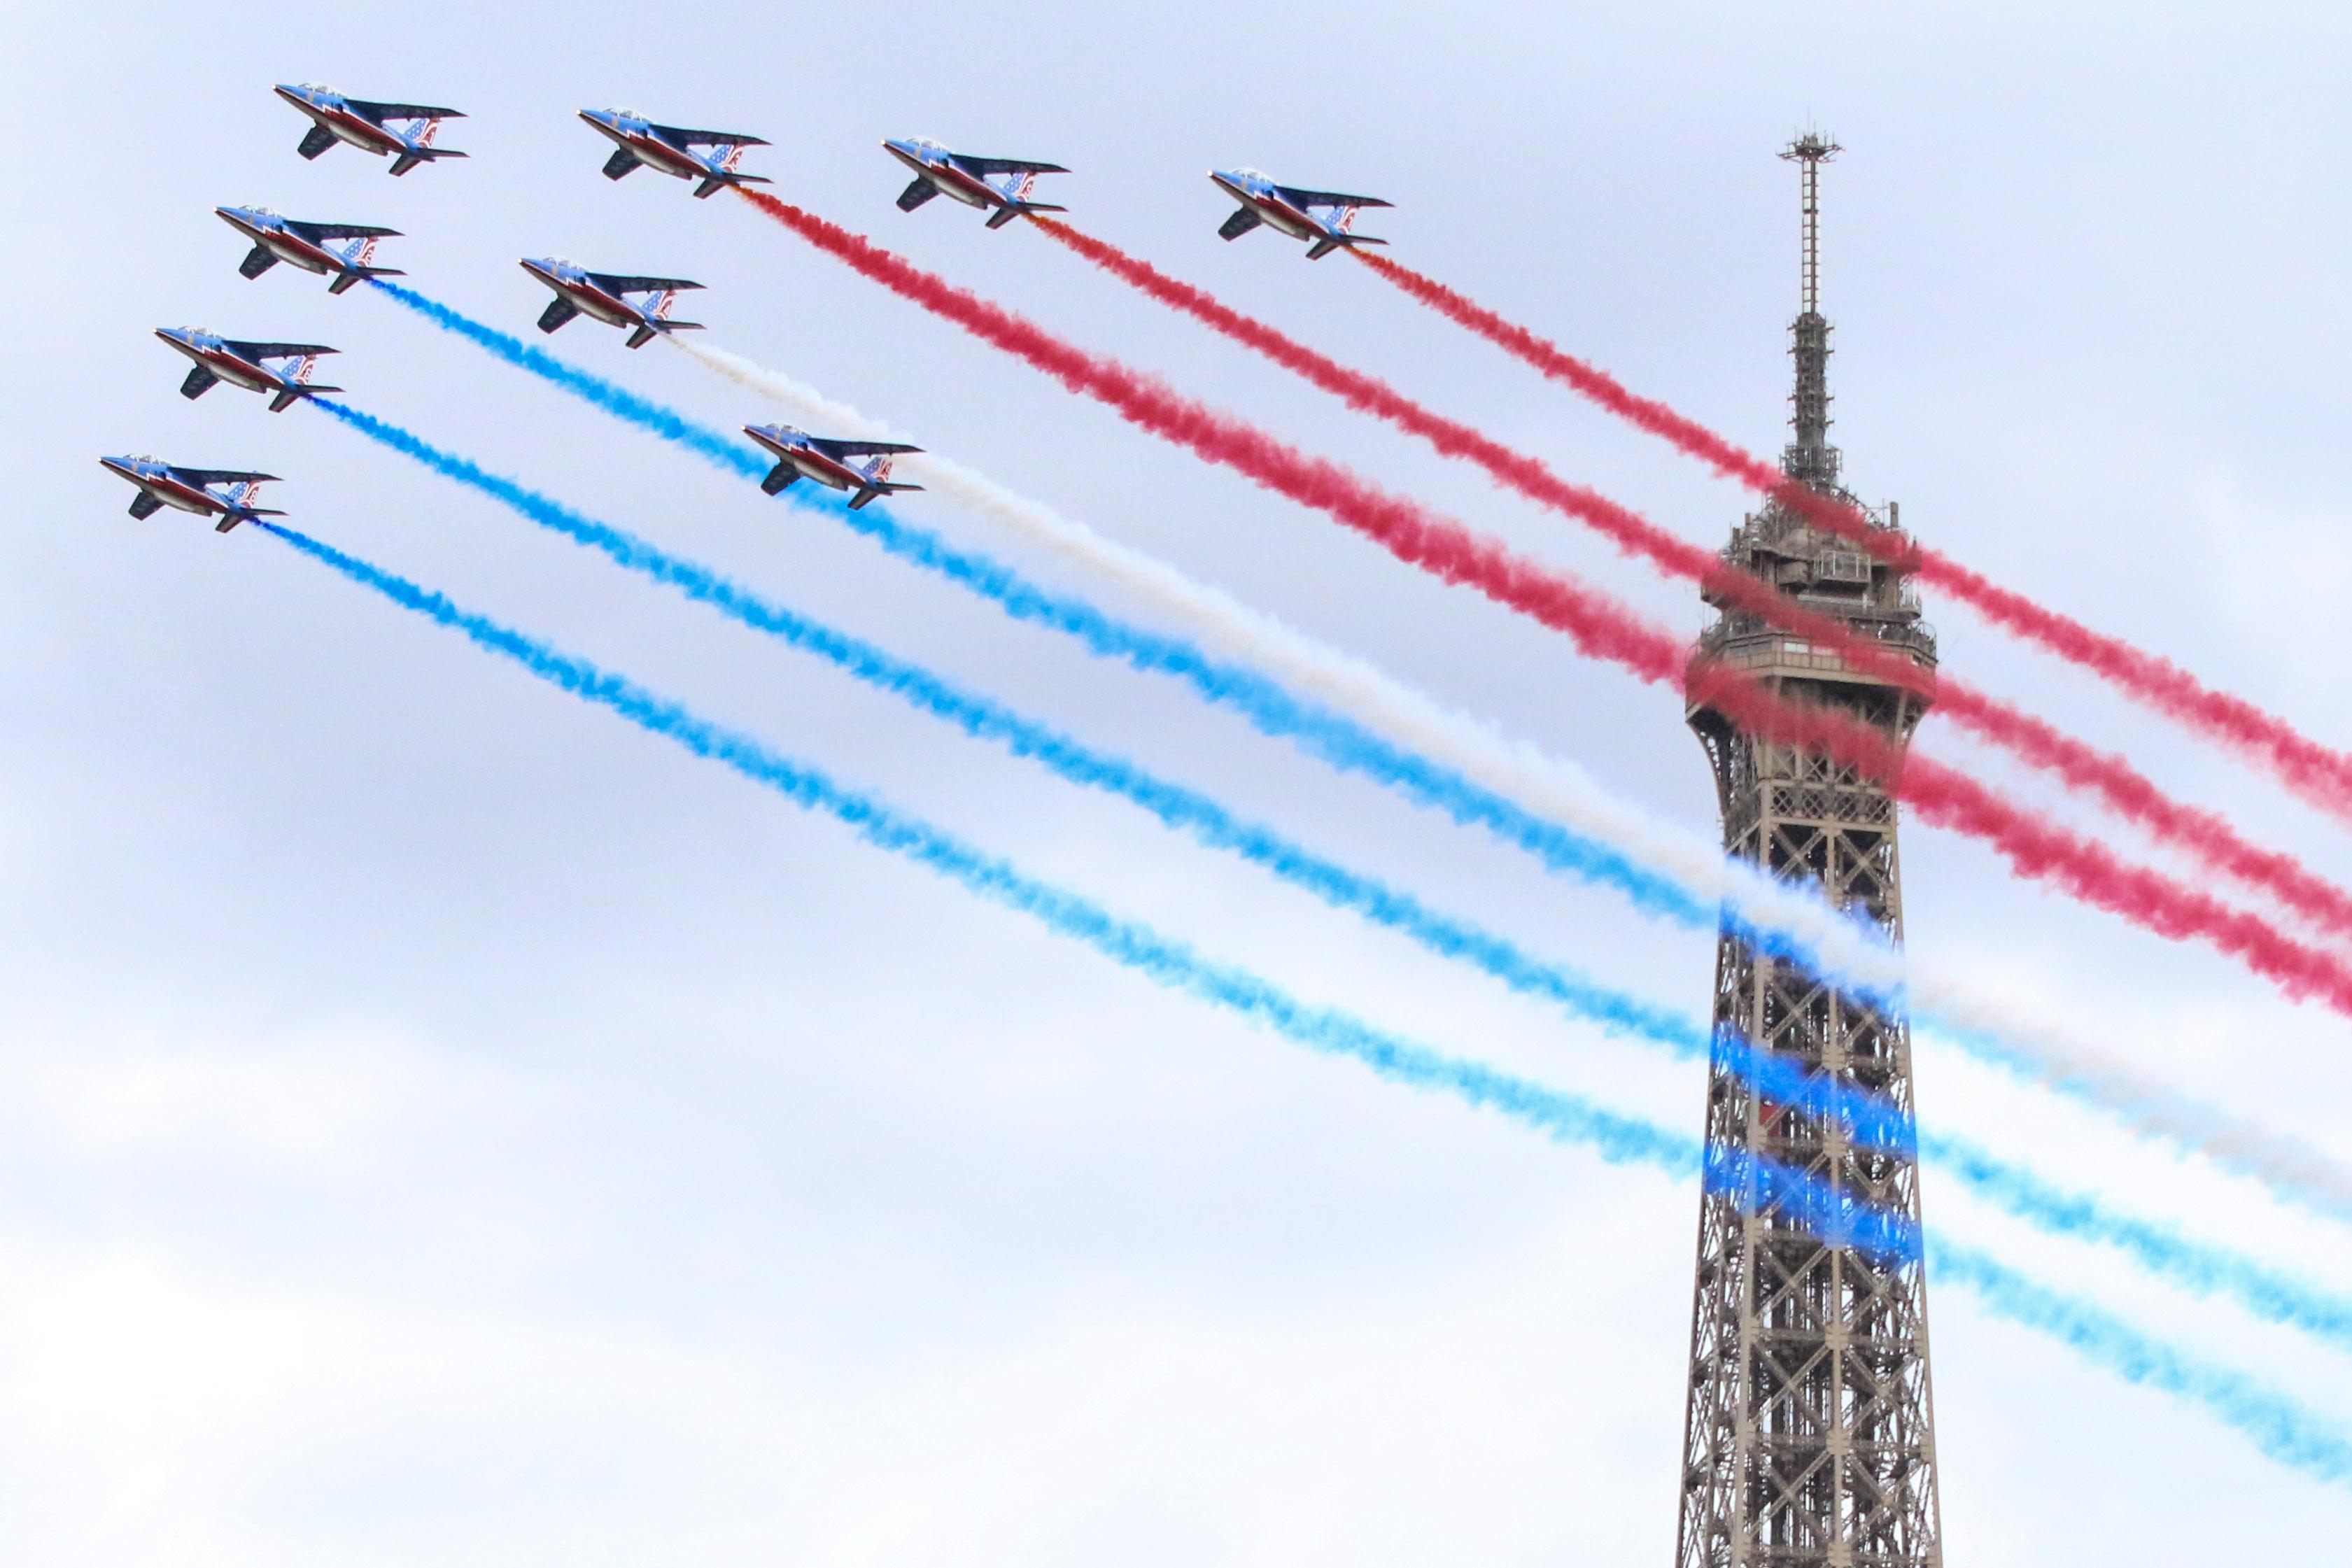 La patrouille de France à Paris le 23 juillet 2017